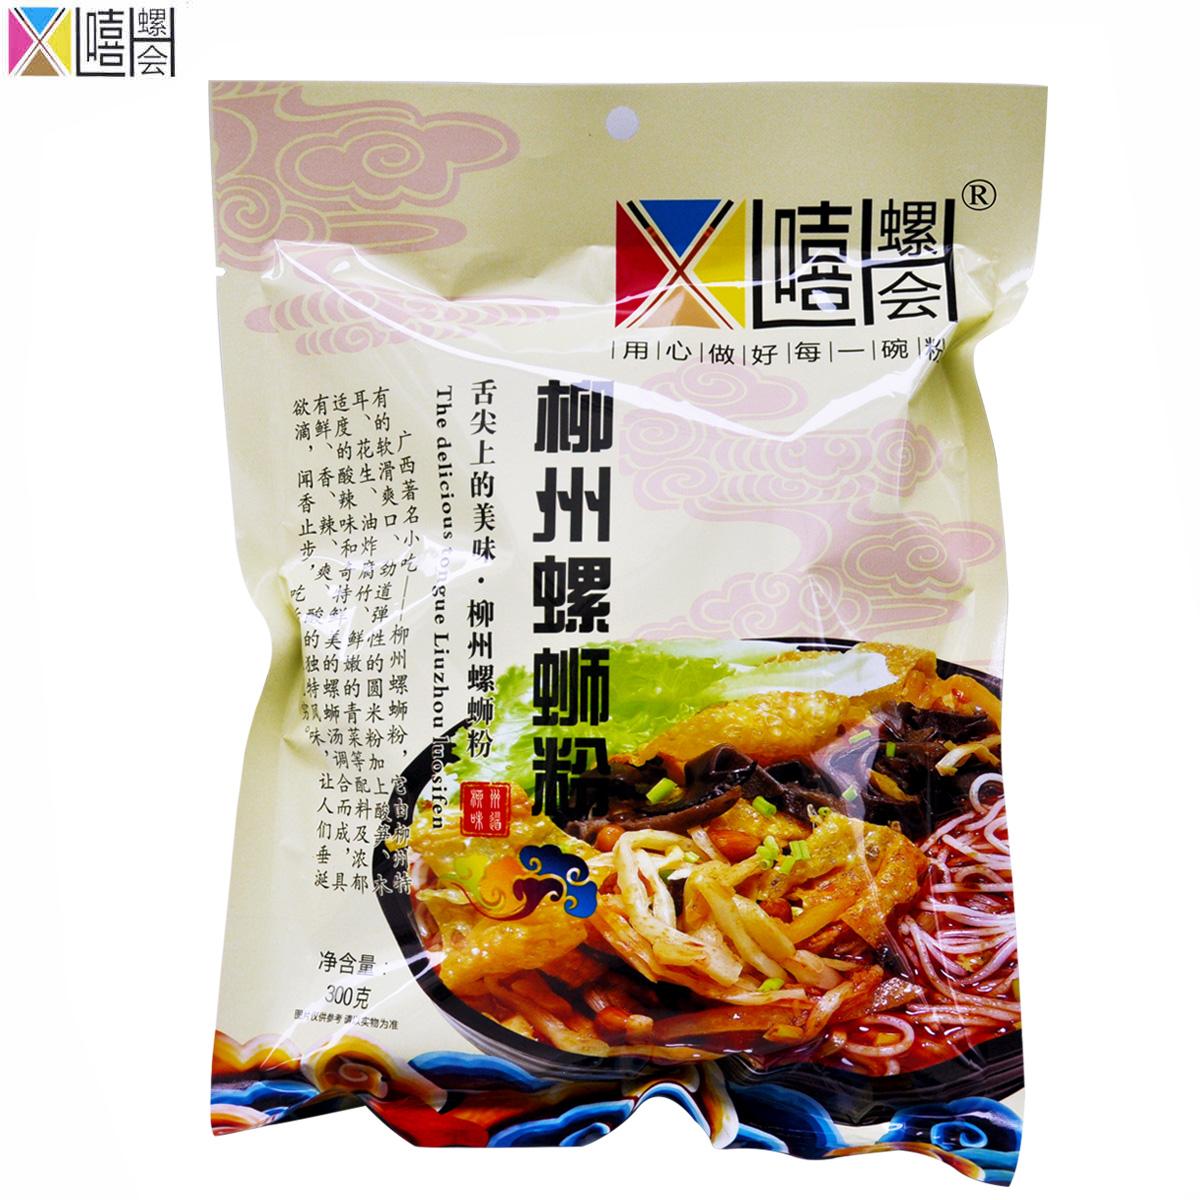 嘻螺会广西螺蛳粉300g柳州特产美食正宗螺丝粉方便面米线螺狮粉